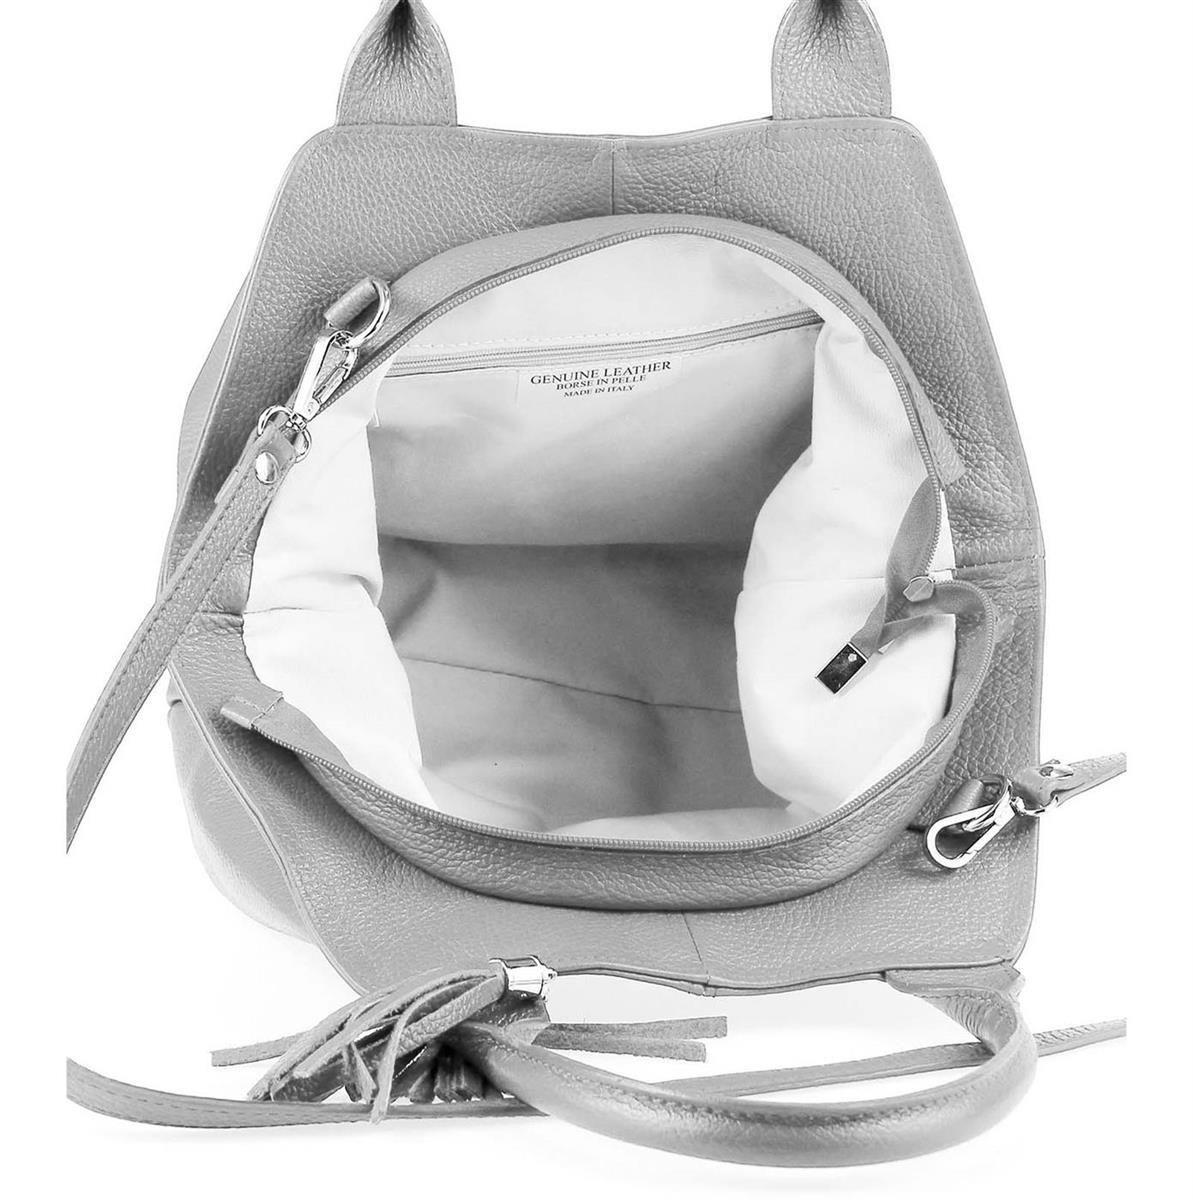 ITALY-LEDER-SHOPPER-Umhaengetasche-Schulter-Hand-Tasche-Damentasche-Ledertasche Indexbild 12